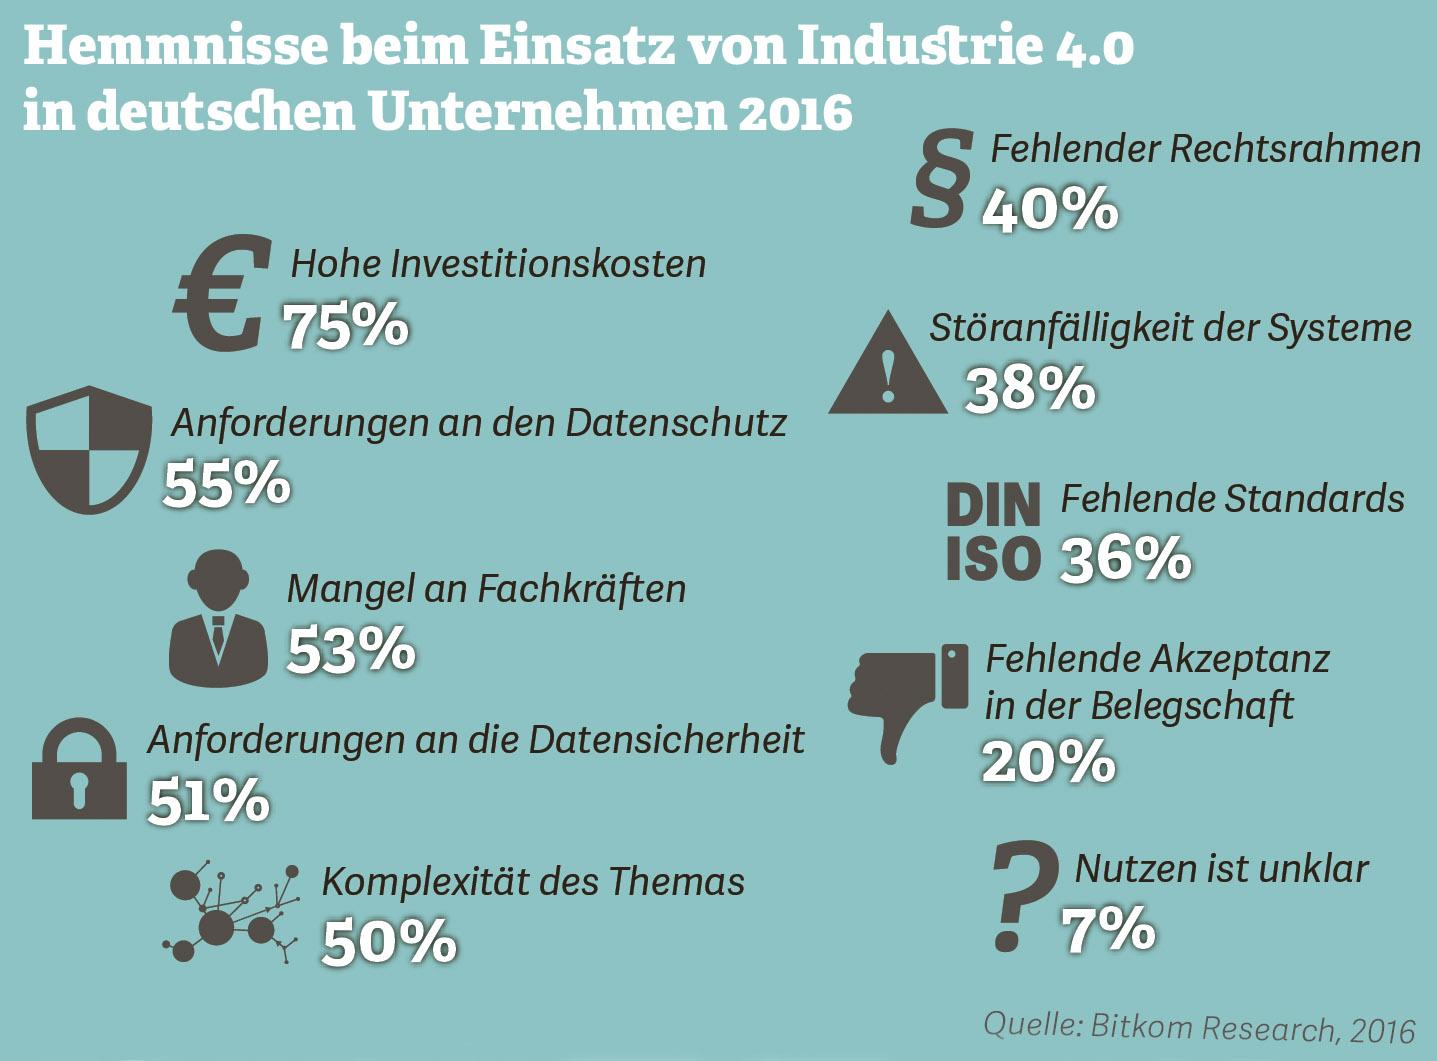 Grafik zu Hemmnissen beim Einsatz von Industrie 4.0 in deutschen Unternehmen 2016